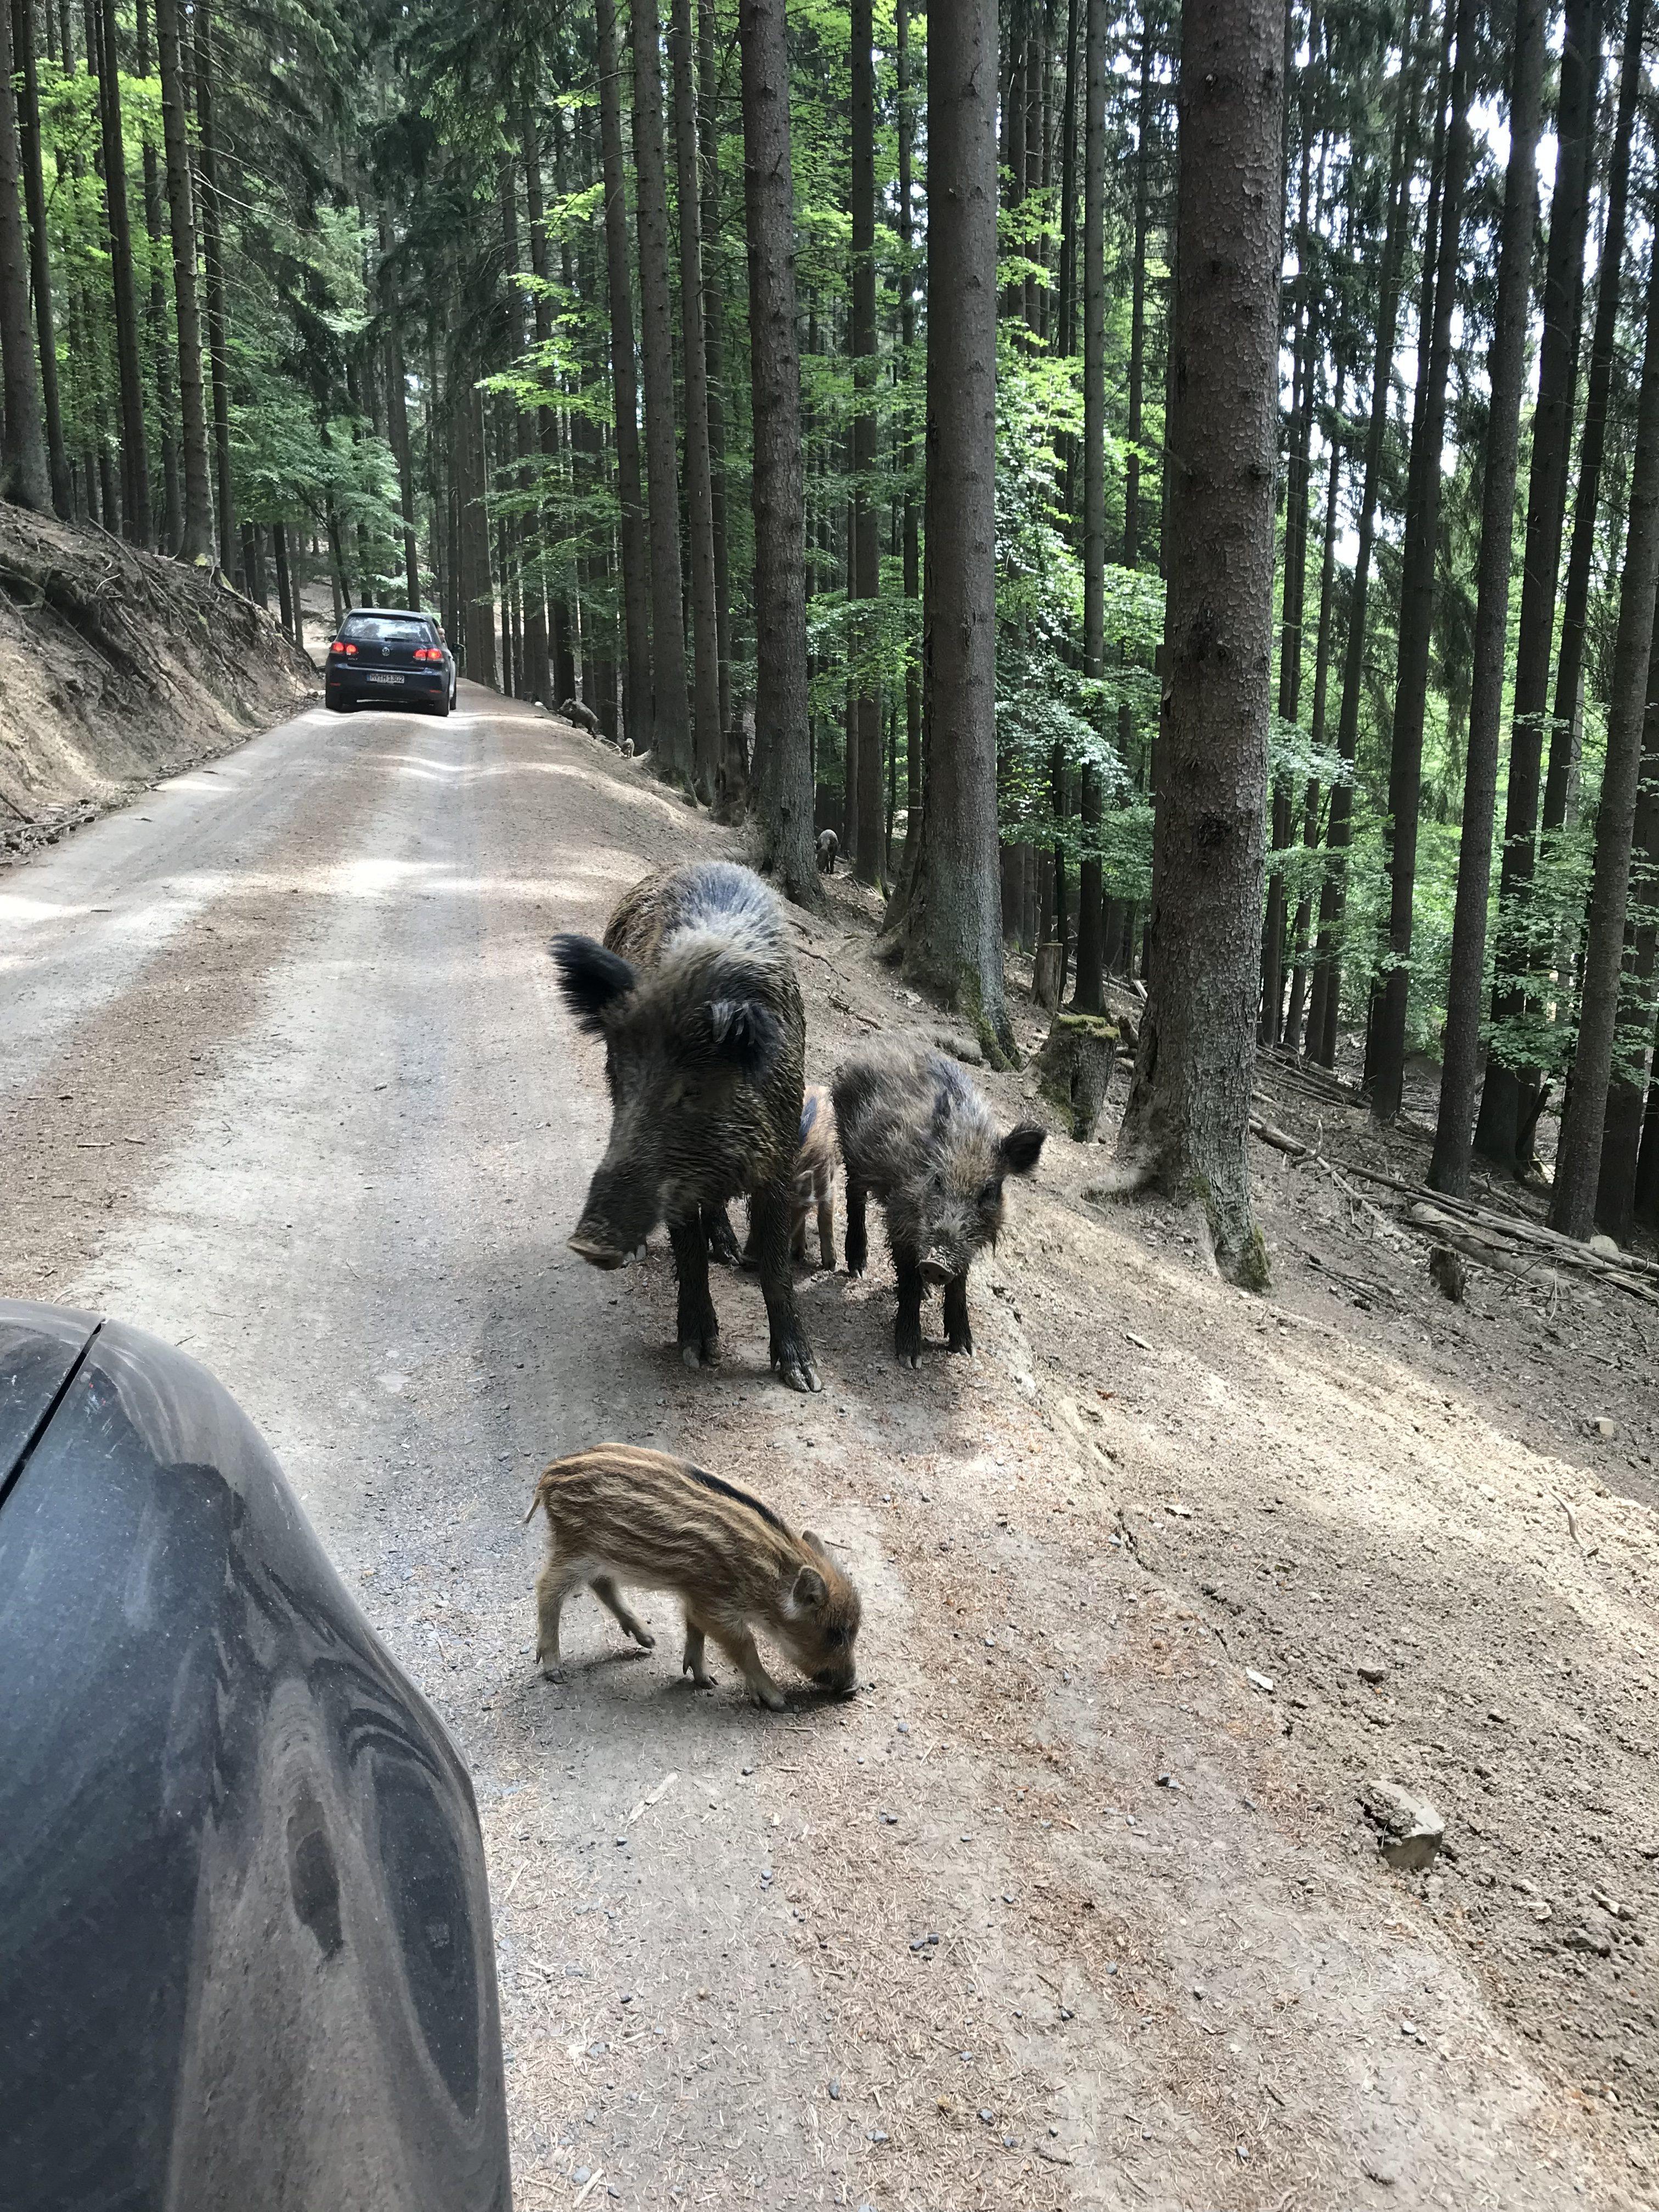 Wildschweine auf der Fahrbahn